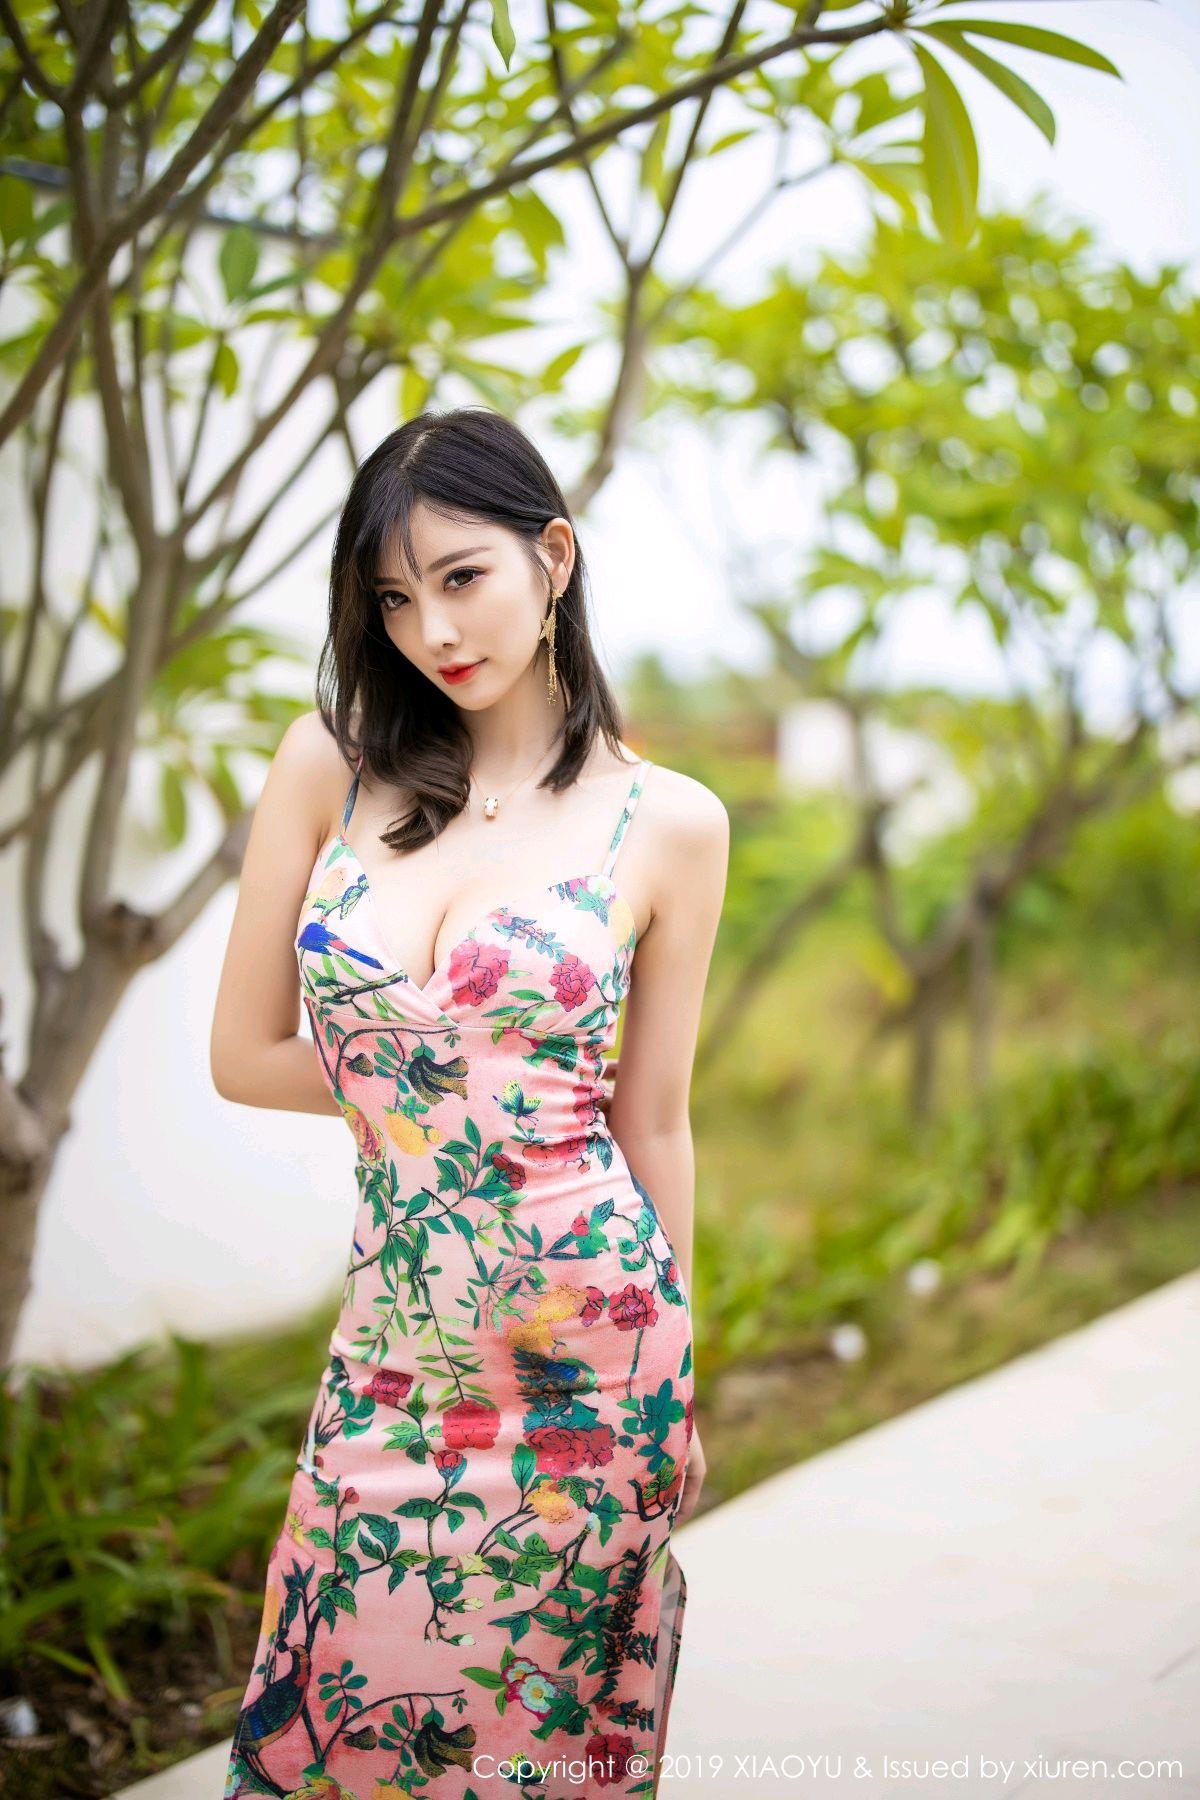 [XiaoYu] Vol.194 Yang Chen Chen 3P, Bikini, XiaoYu, Yang Chen Chen